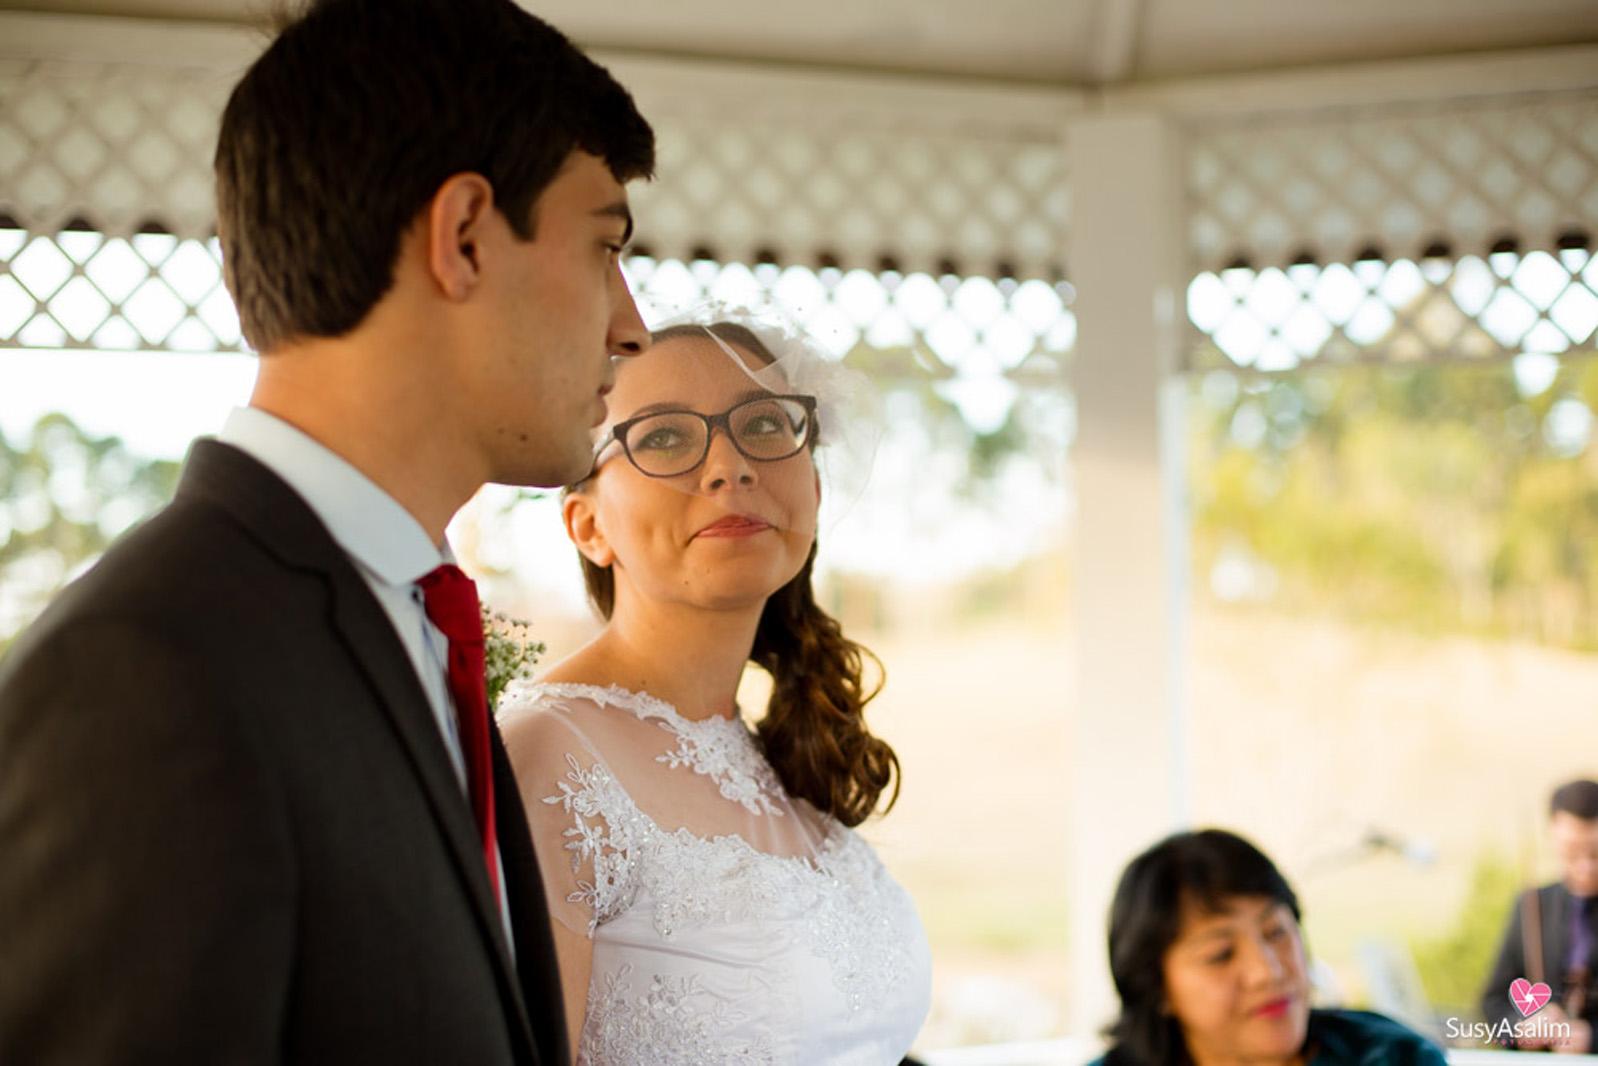 casamento BR-521